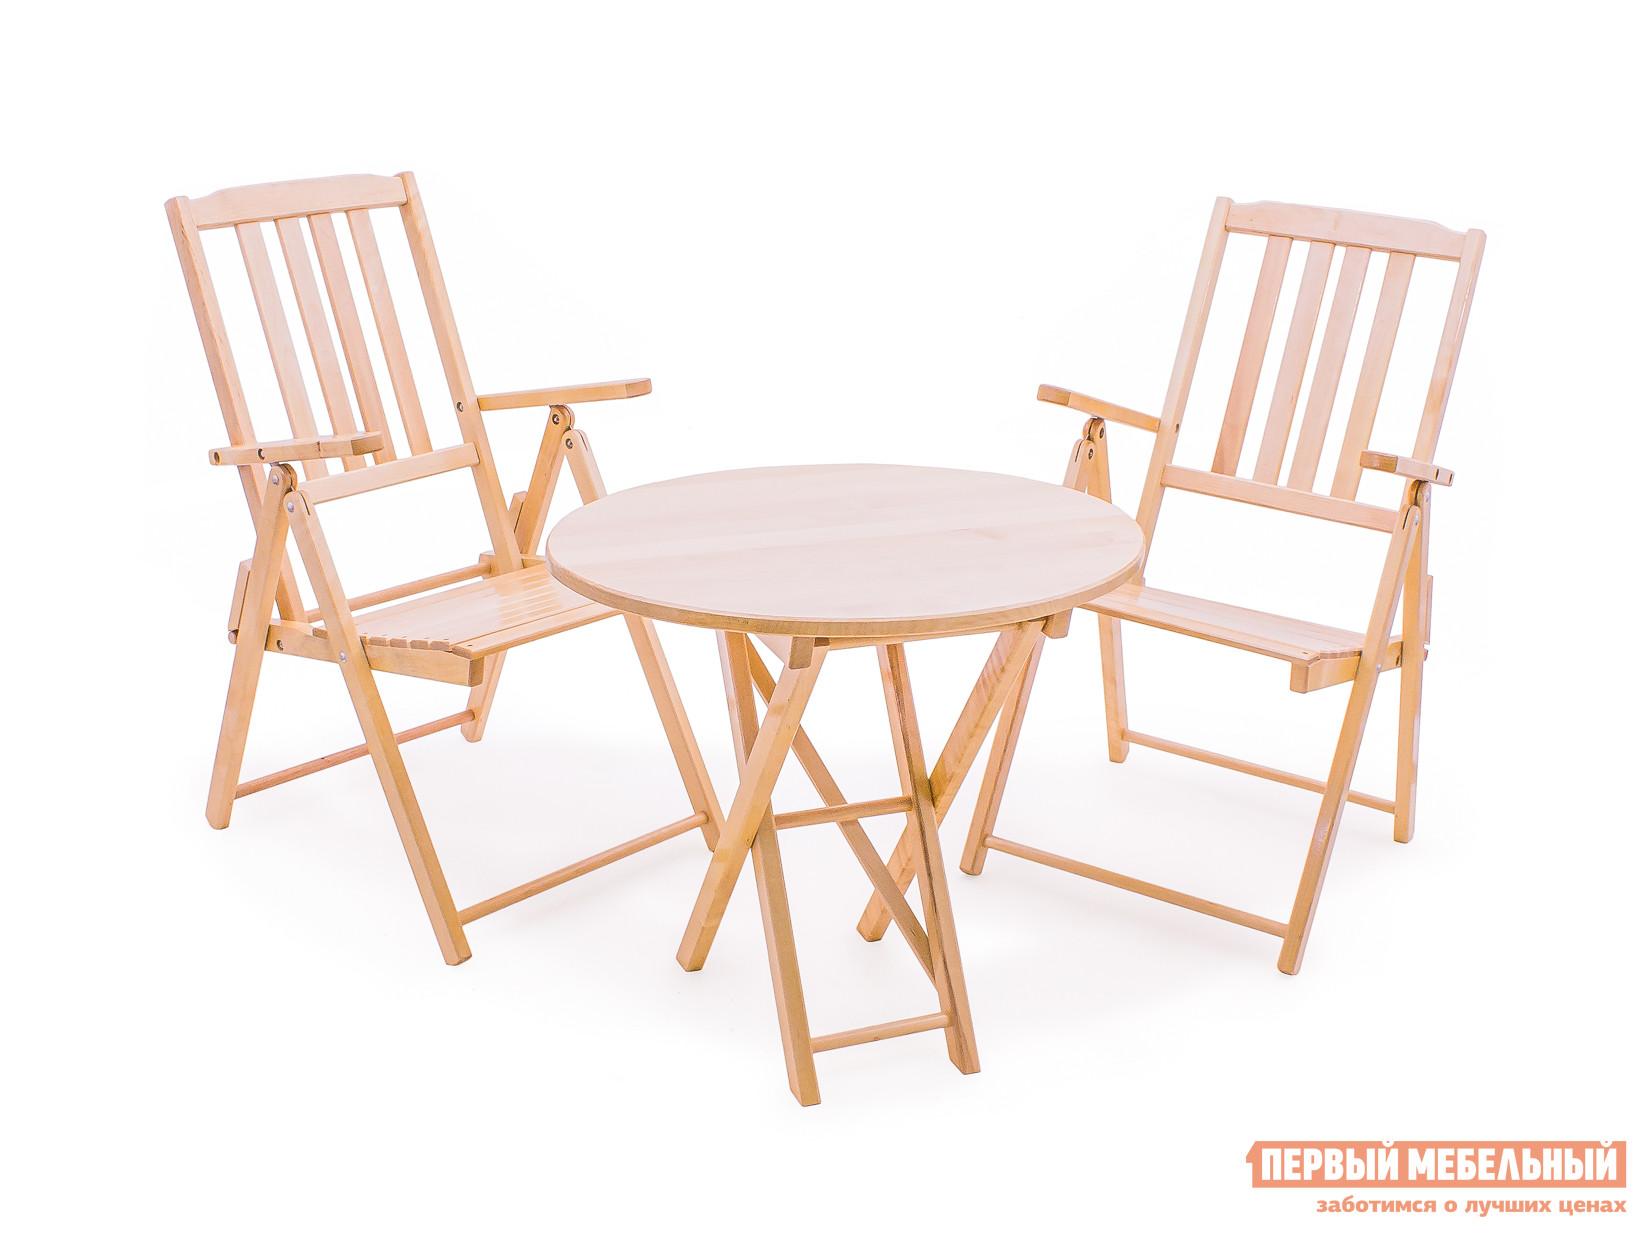 Комплект садовой мебели Смолянка Комфорт СМ047Б, 2 шт+СМ049Б комплект мягкой мебели комфорт 3 1 1